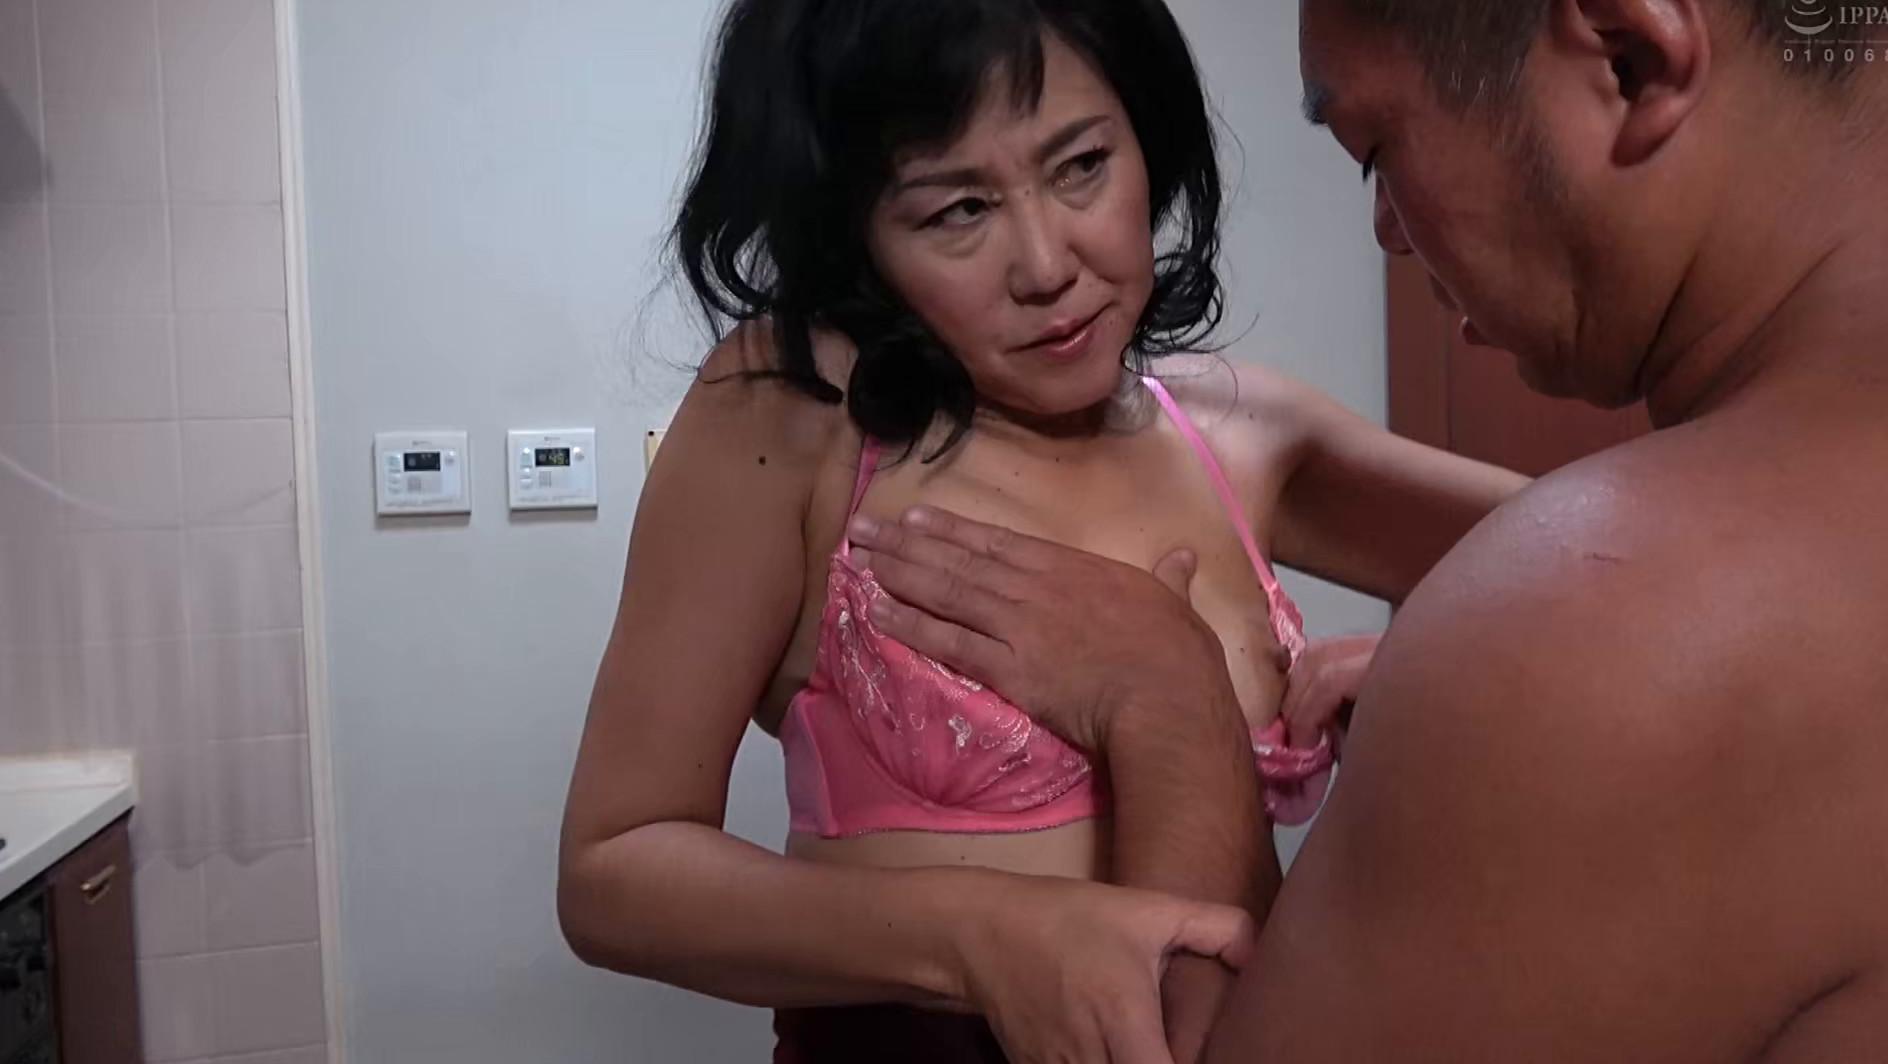 スケベな人妻が露出多目の薄着で逆ナンパ誘惑 画像17